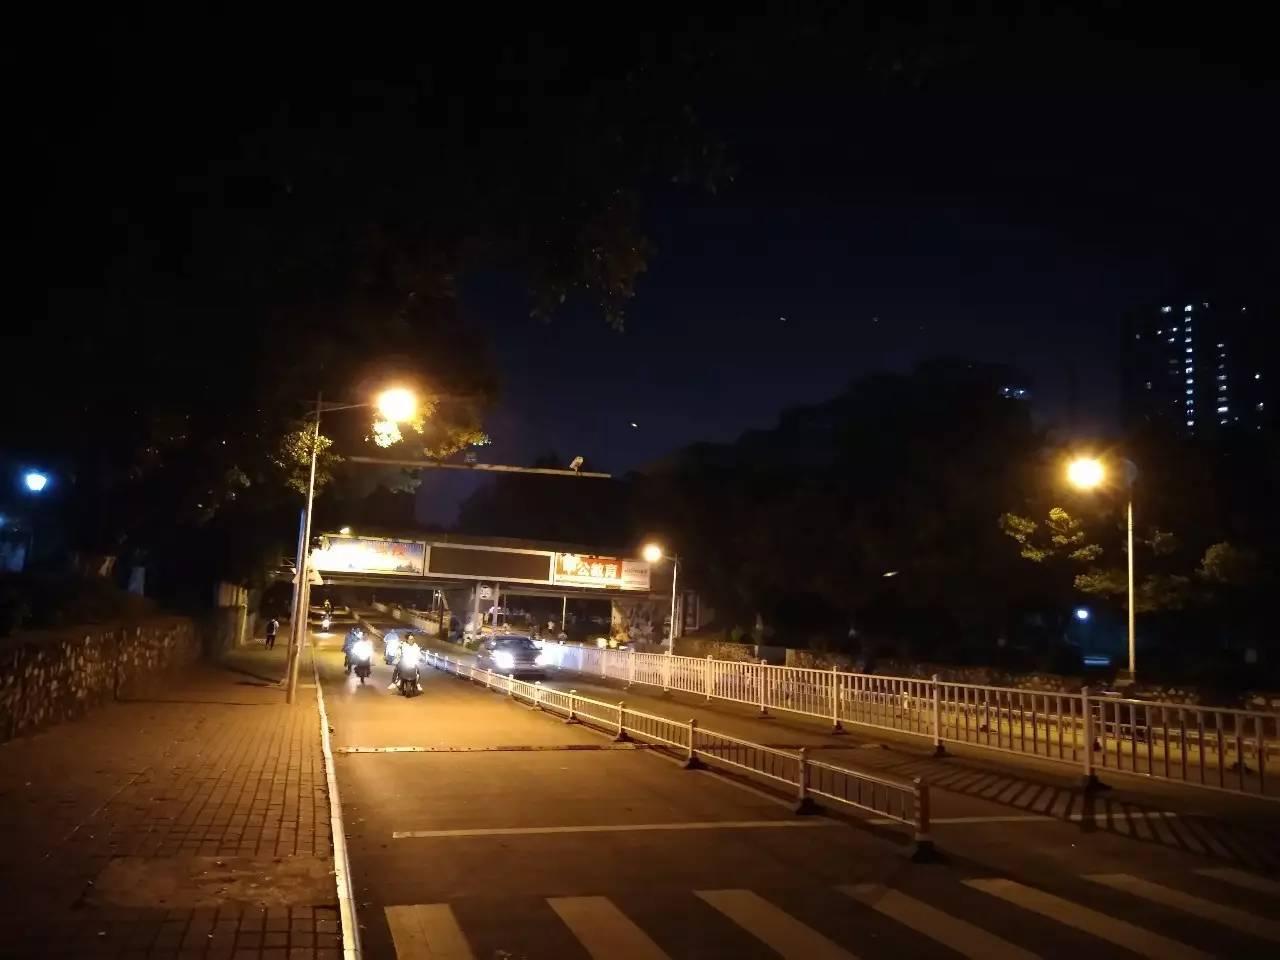 崇左桥大堵案每日上演,-夜西大 走夜路请放声歌唱